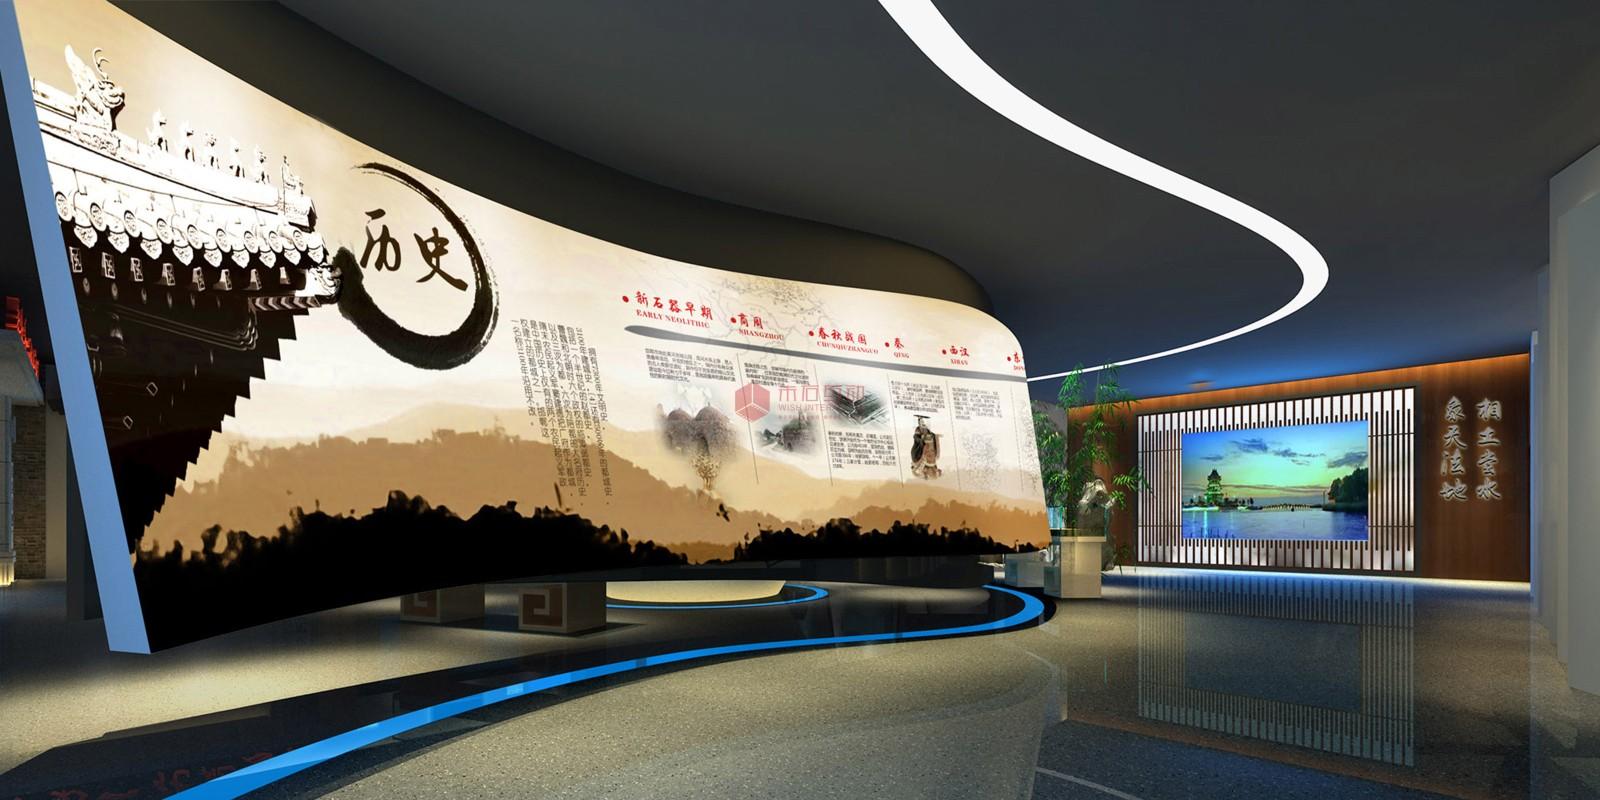 江苏正规博物馆服务介绍 铸造辉煌 未石互动科技供应